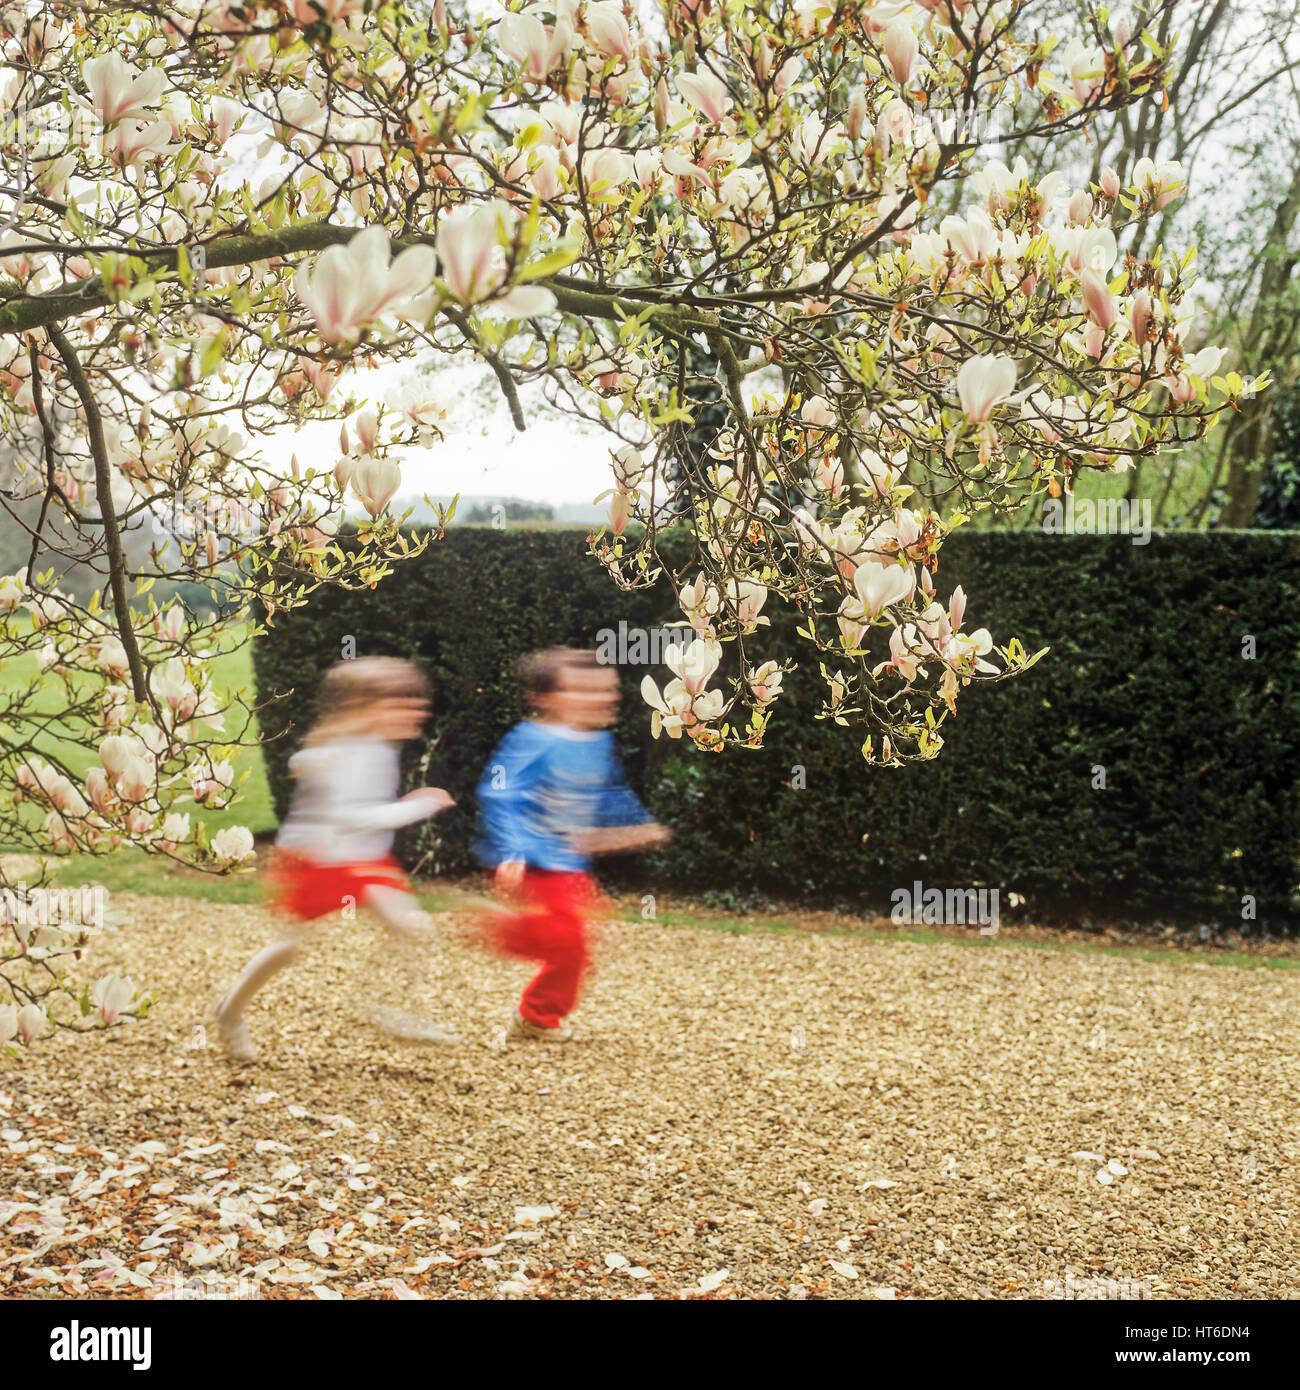 Les enfants courir dans un jardin. Photo Stock